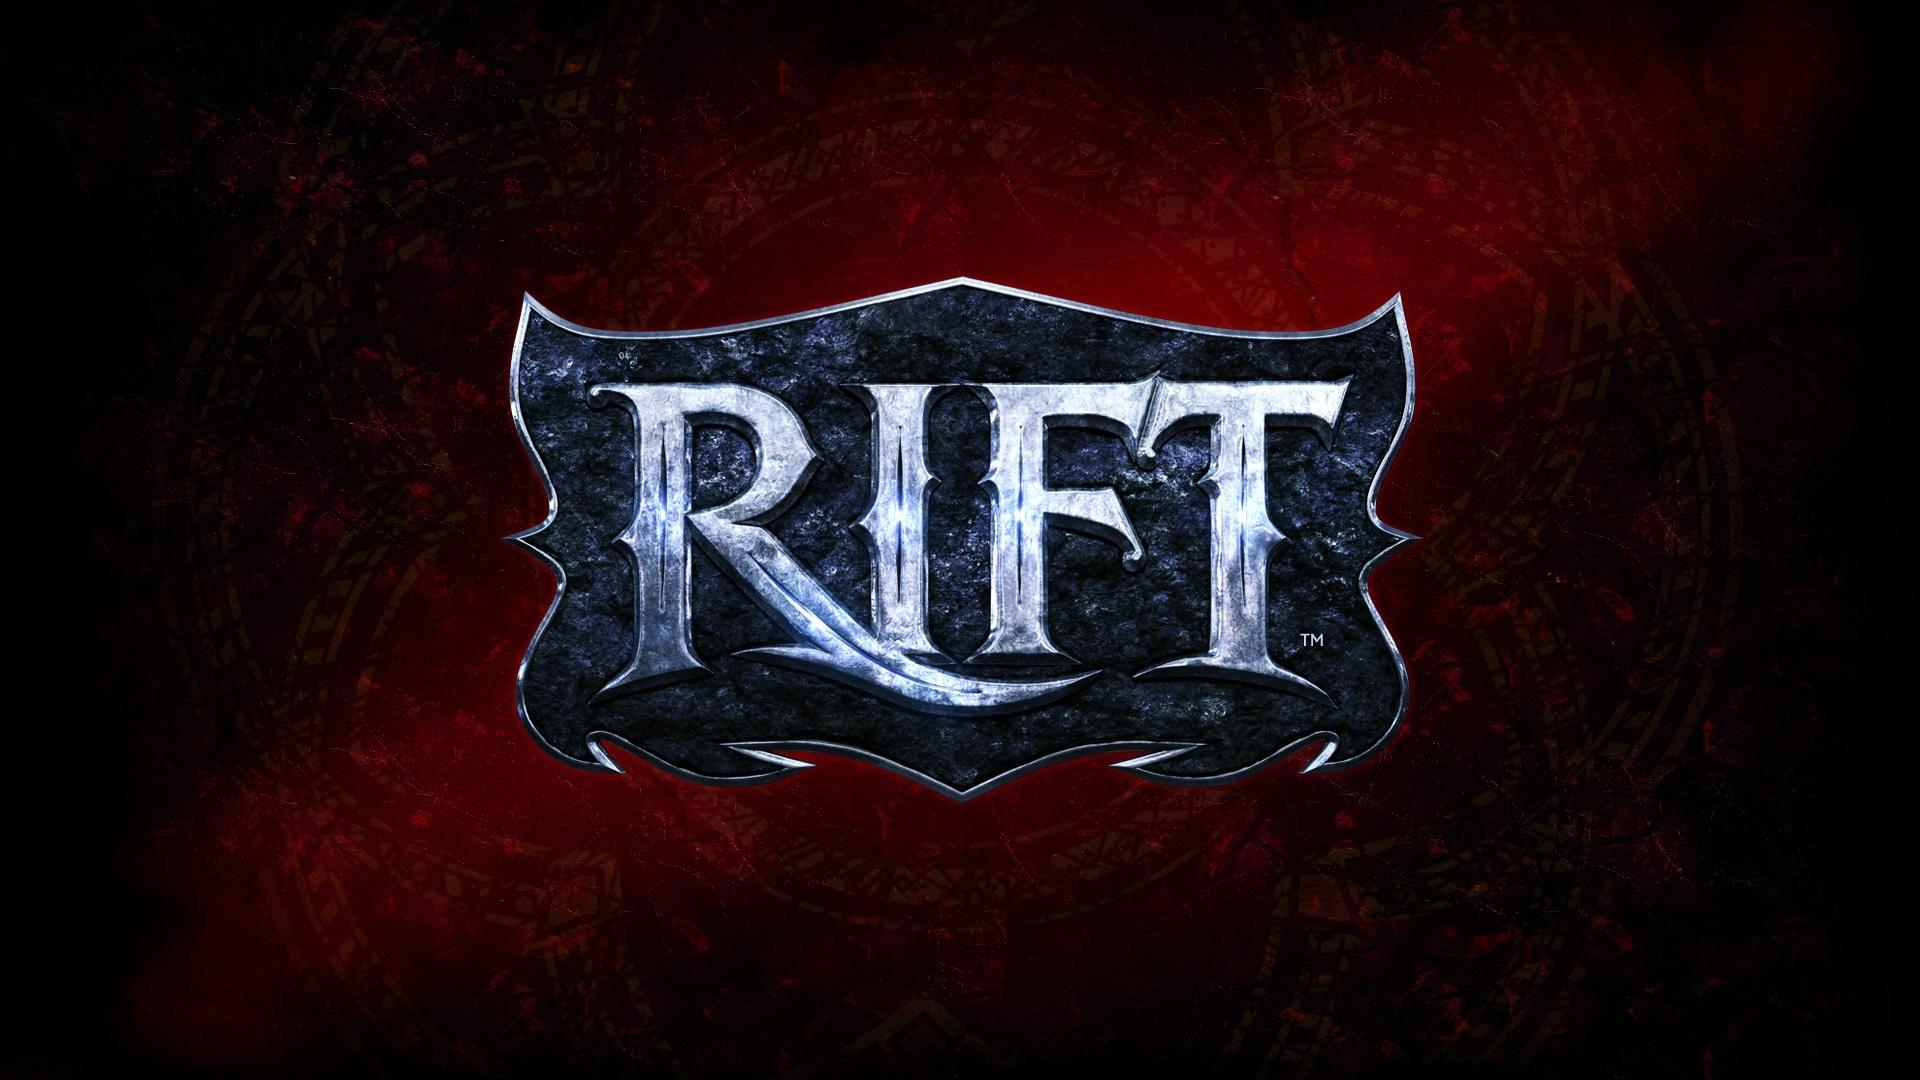 MMORPG Rift перезапустят на новом сервере, свободном от лутбоксов и микротранзакций